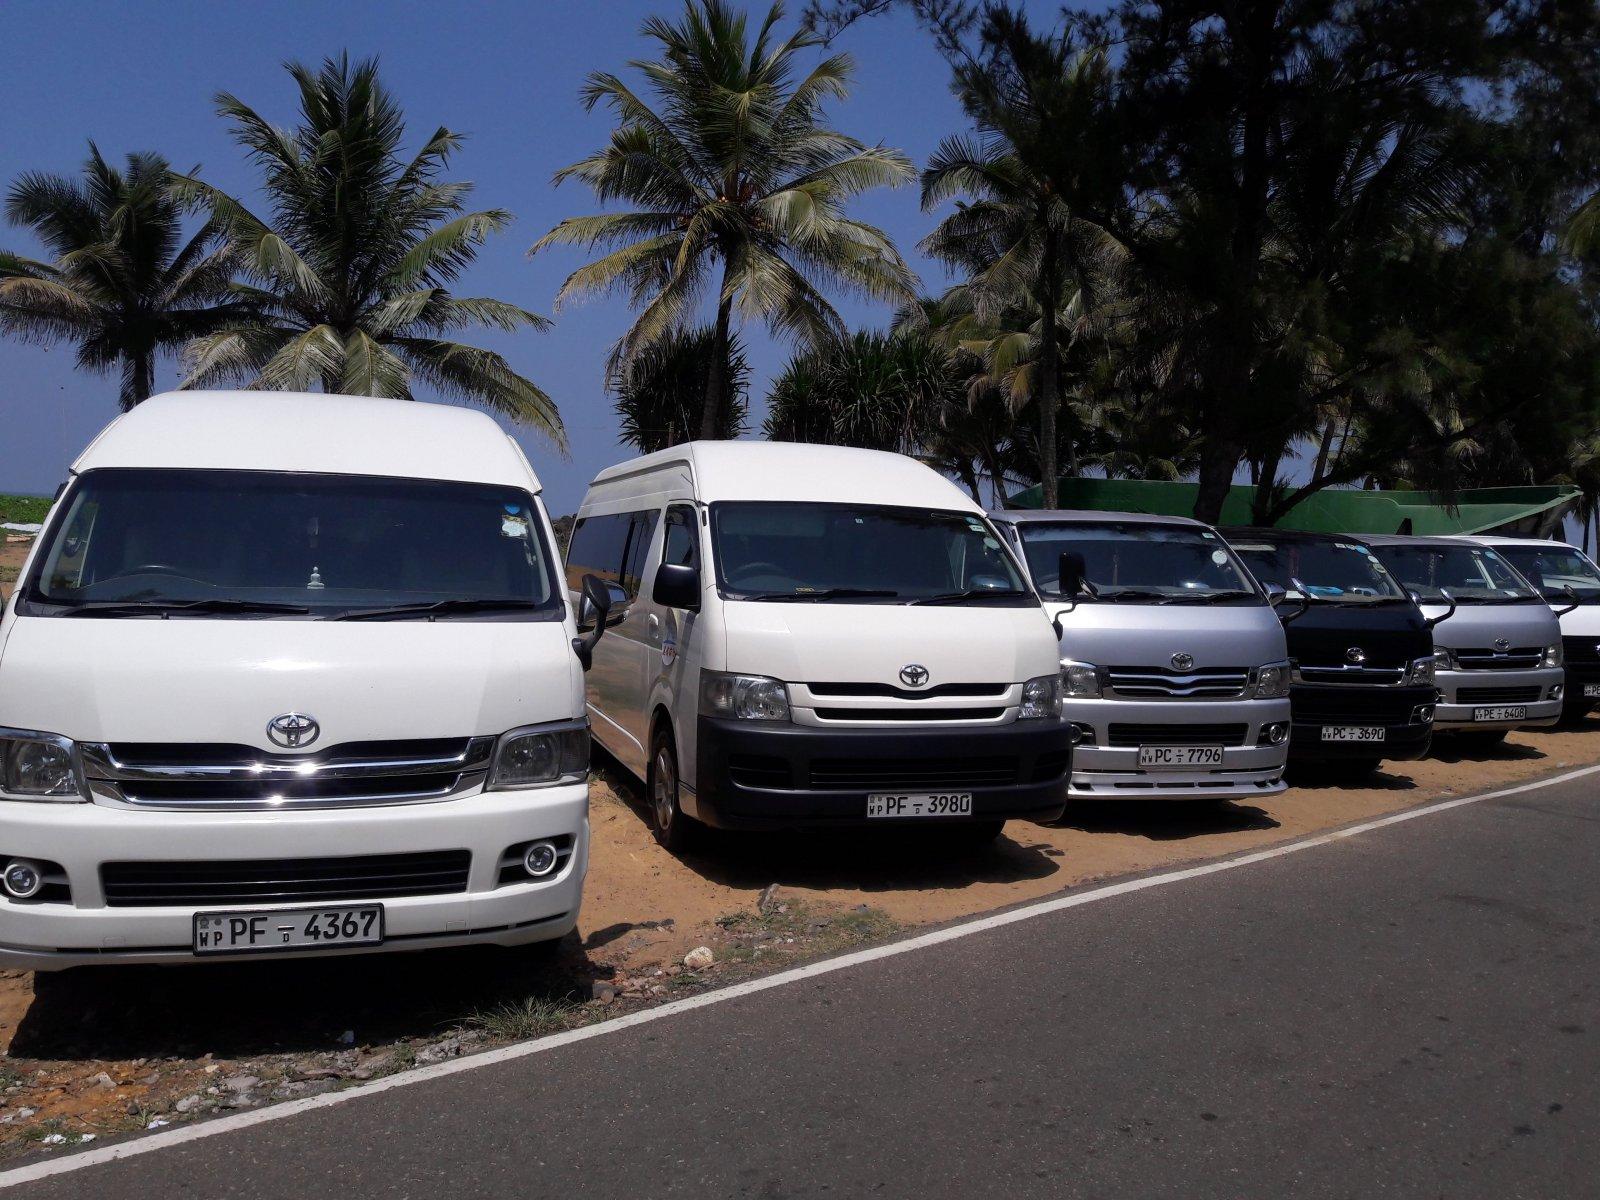 385201 المسافرون العرب احذروا من السائق الخاص بسريلانكا